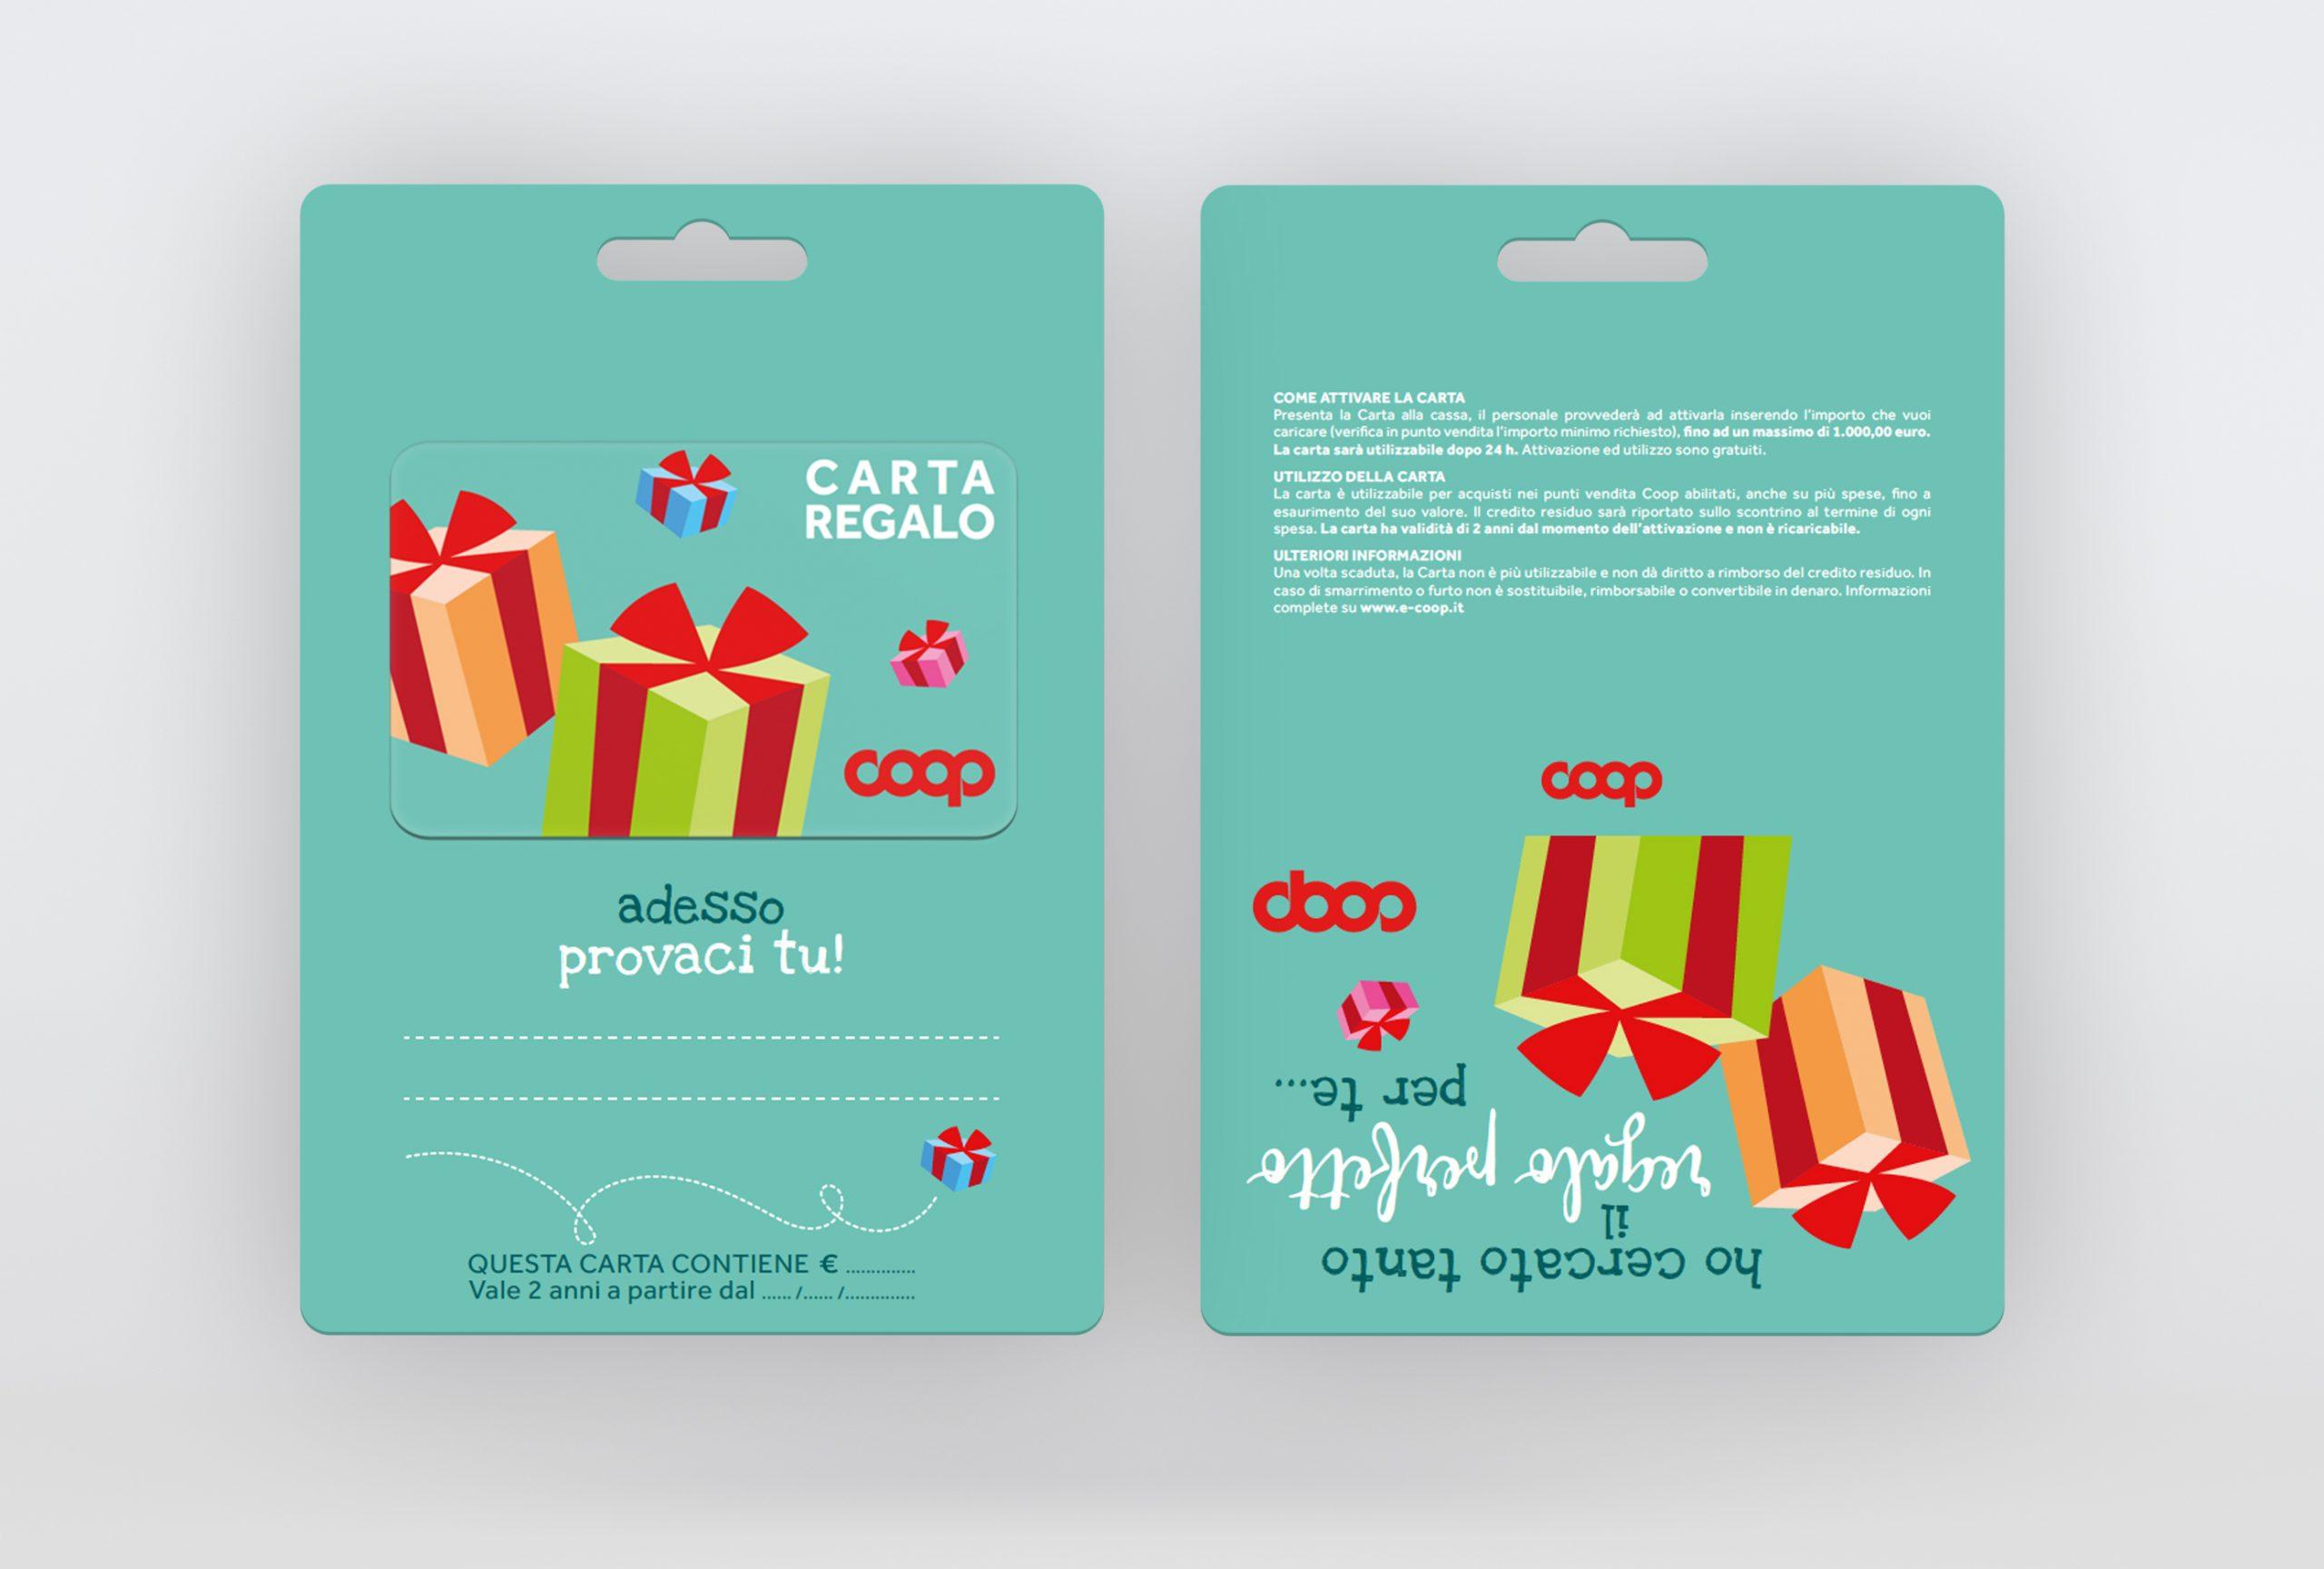 materiali-in-store-design-cocicom